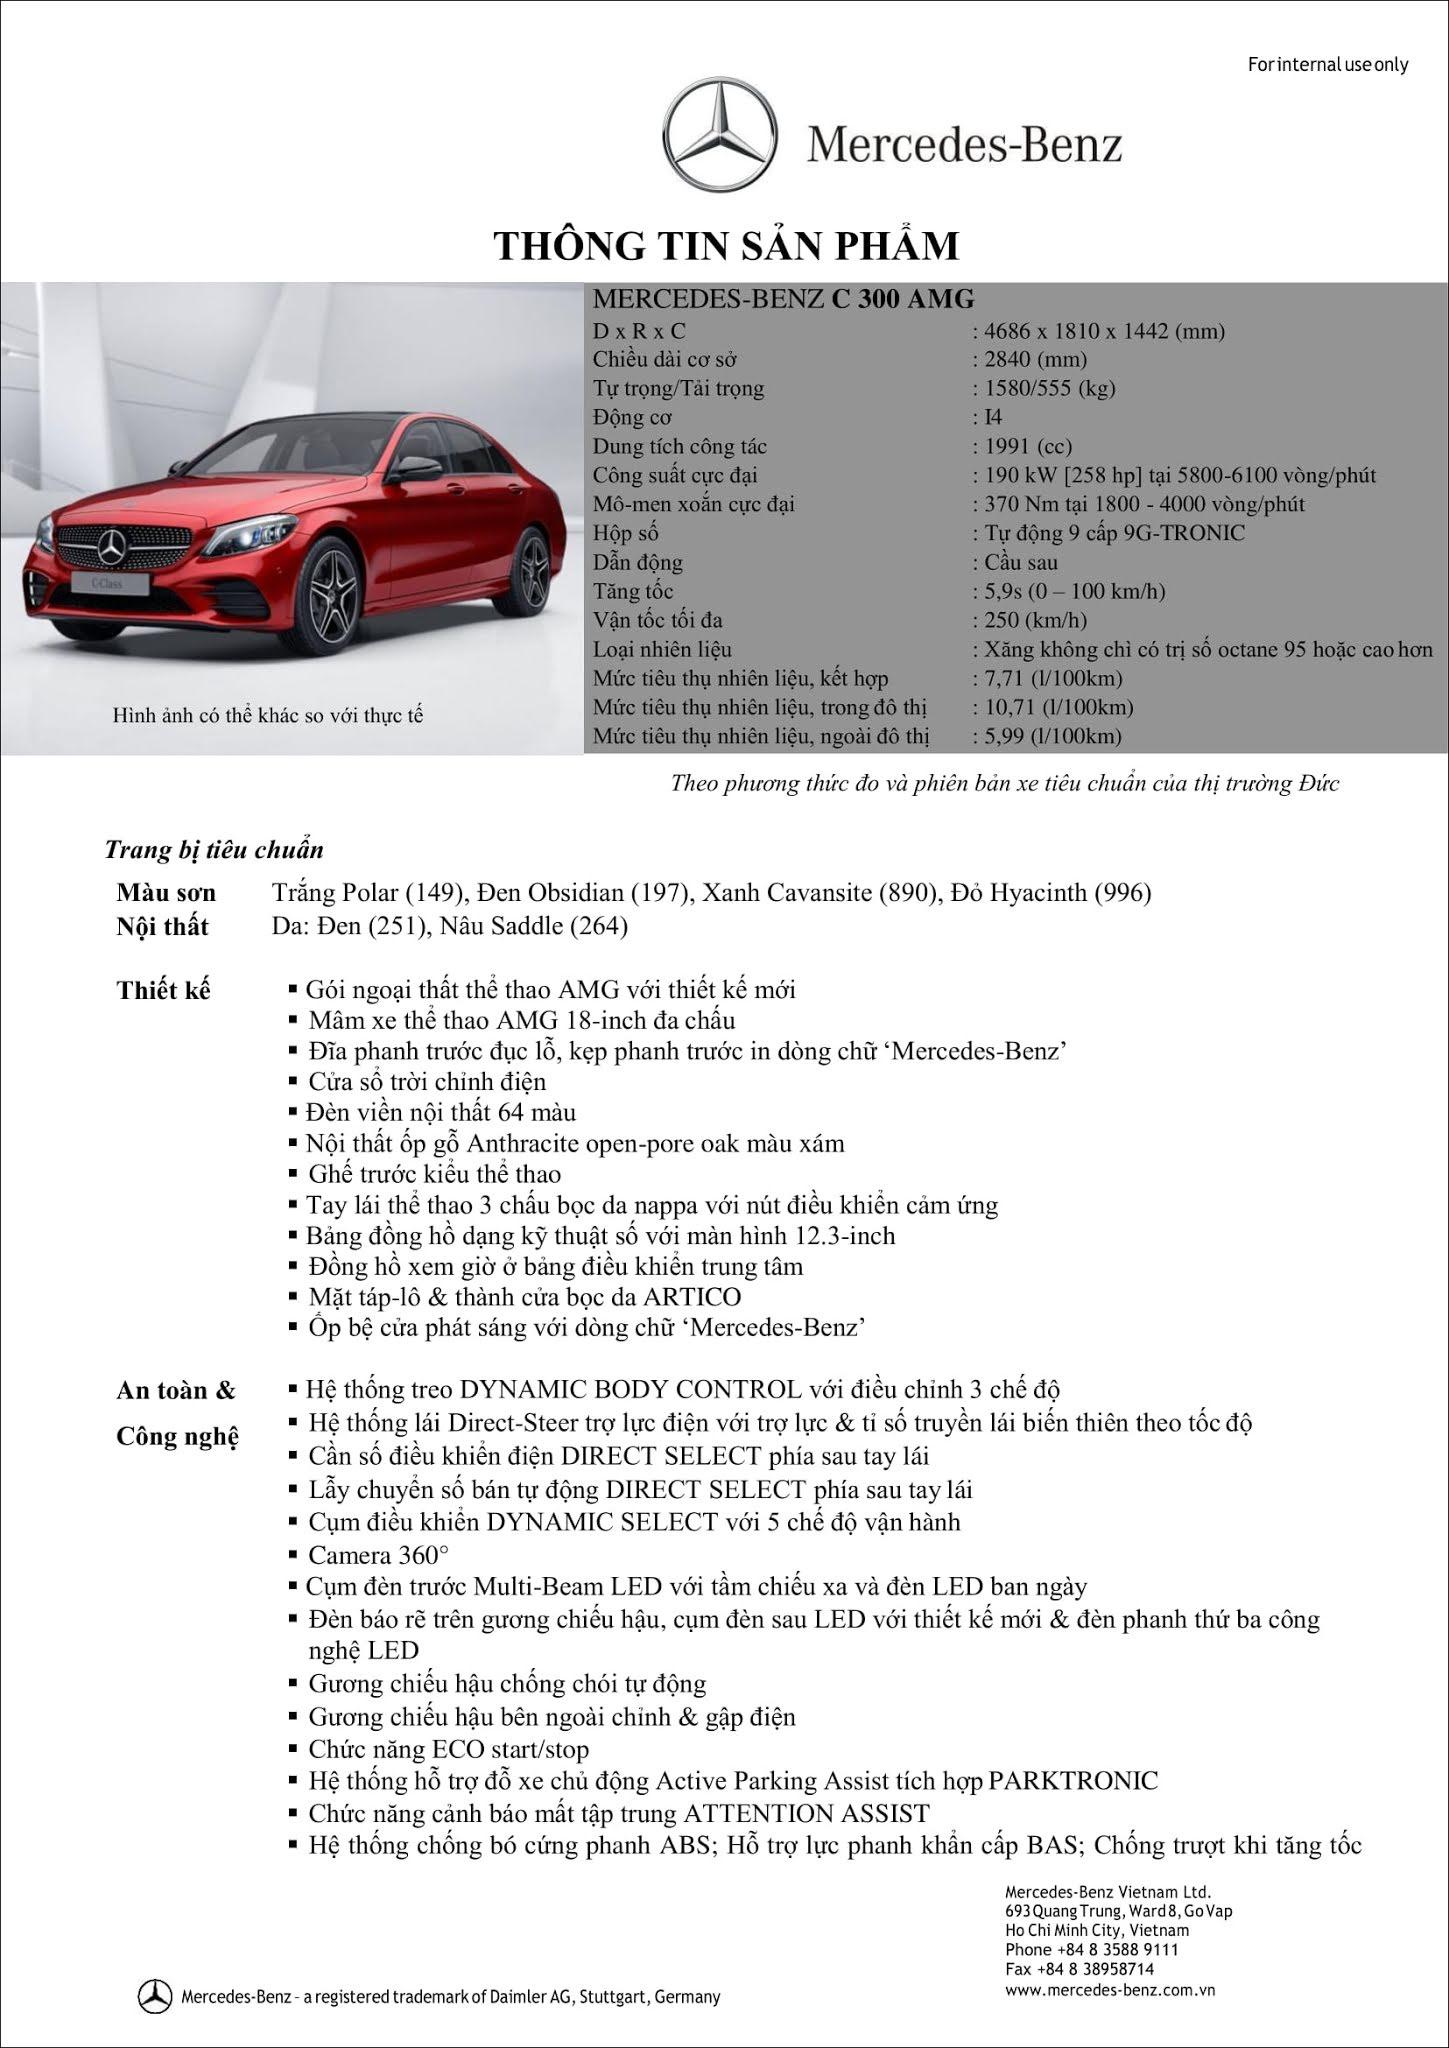 Bảng thông số kỹ thuật Mercedes C300 AMG 2019